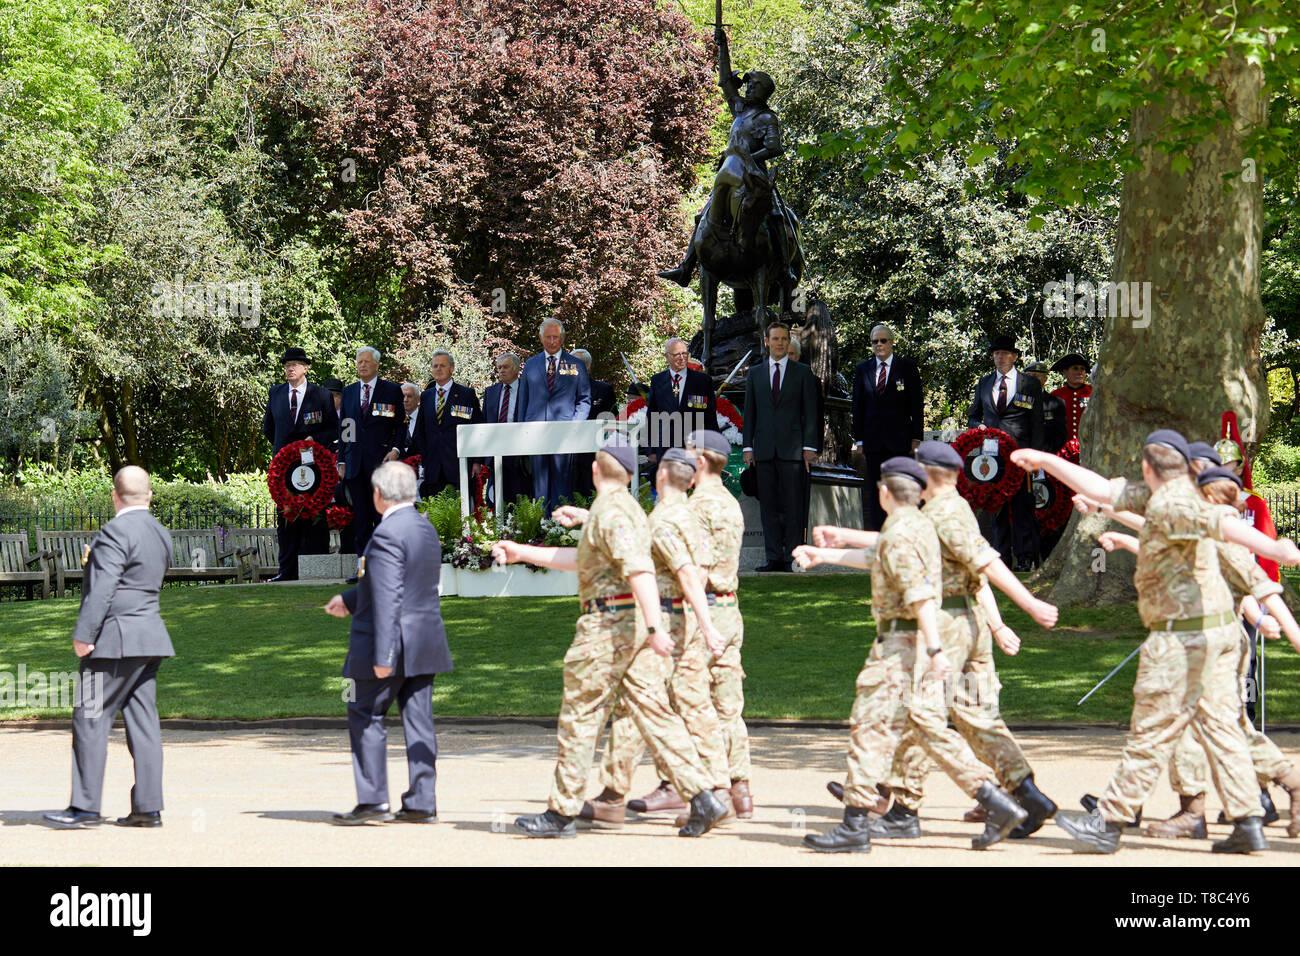 Londres, Reino Unido - 12 de mayo, 2019: Su Alteza Real el Príncipe de Gales inspecciona el pasado y el presente cavalrymen como parte del 94º desfile anual de la Asociación de antiguos camaradas de Caballería combinada de Hyde Park. Imagen De Stock